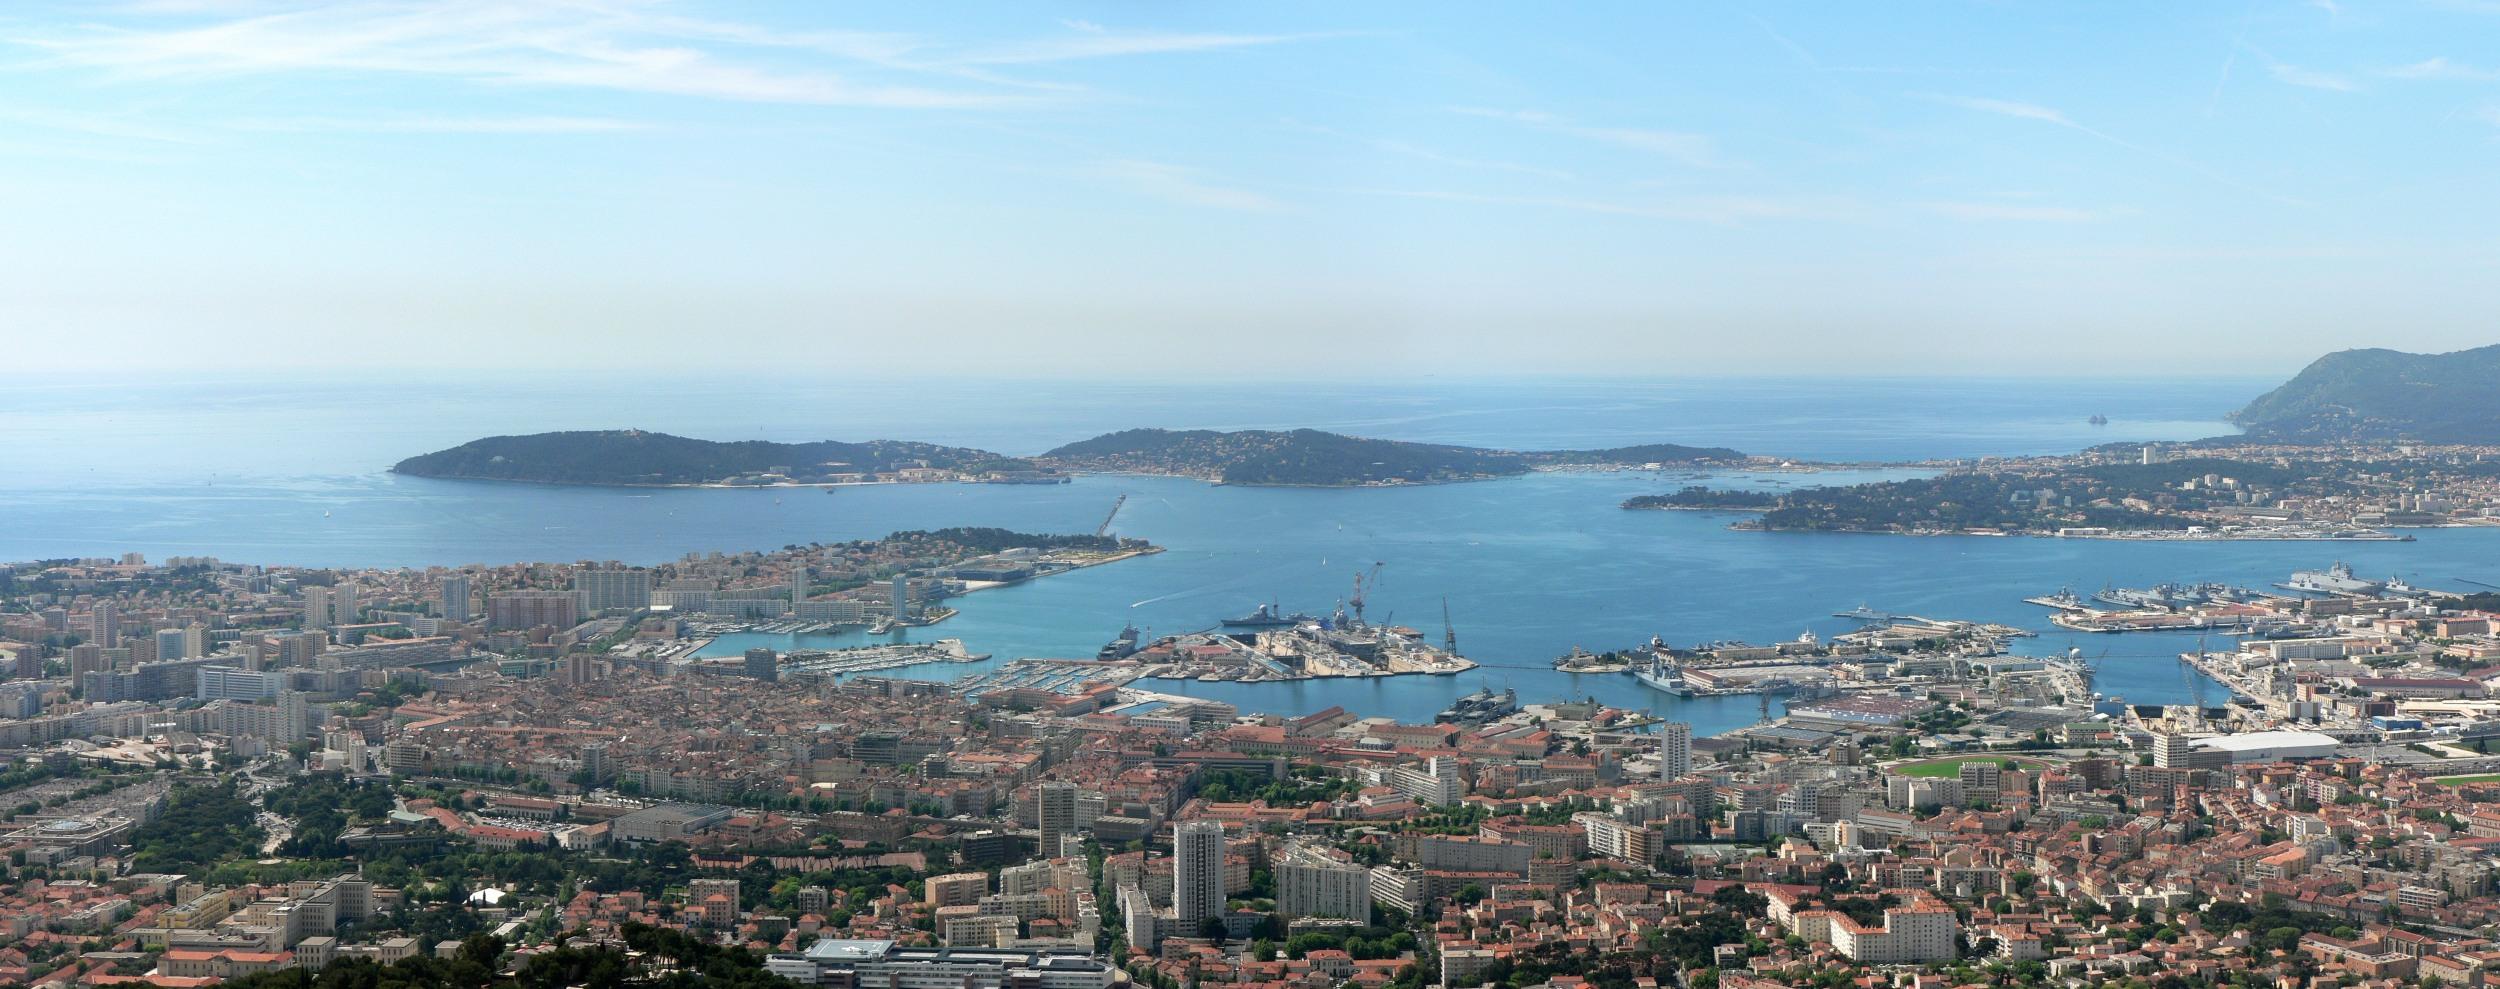 Ecole Saint Philomène à Toulon